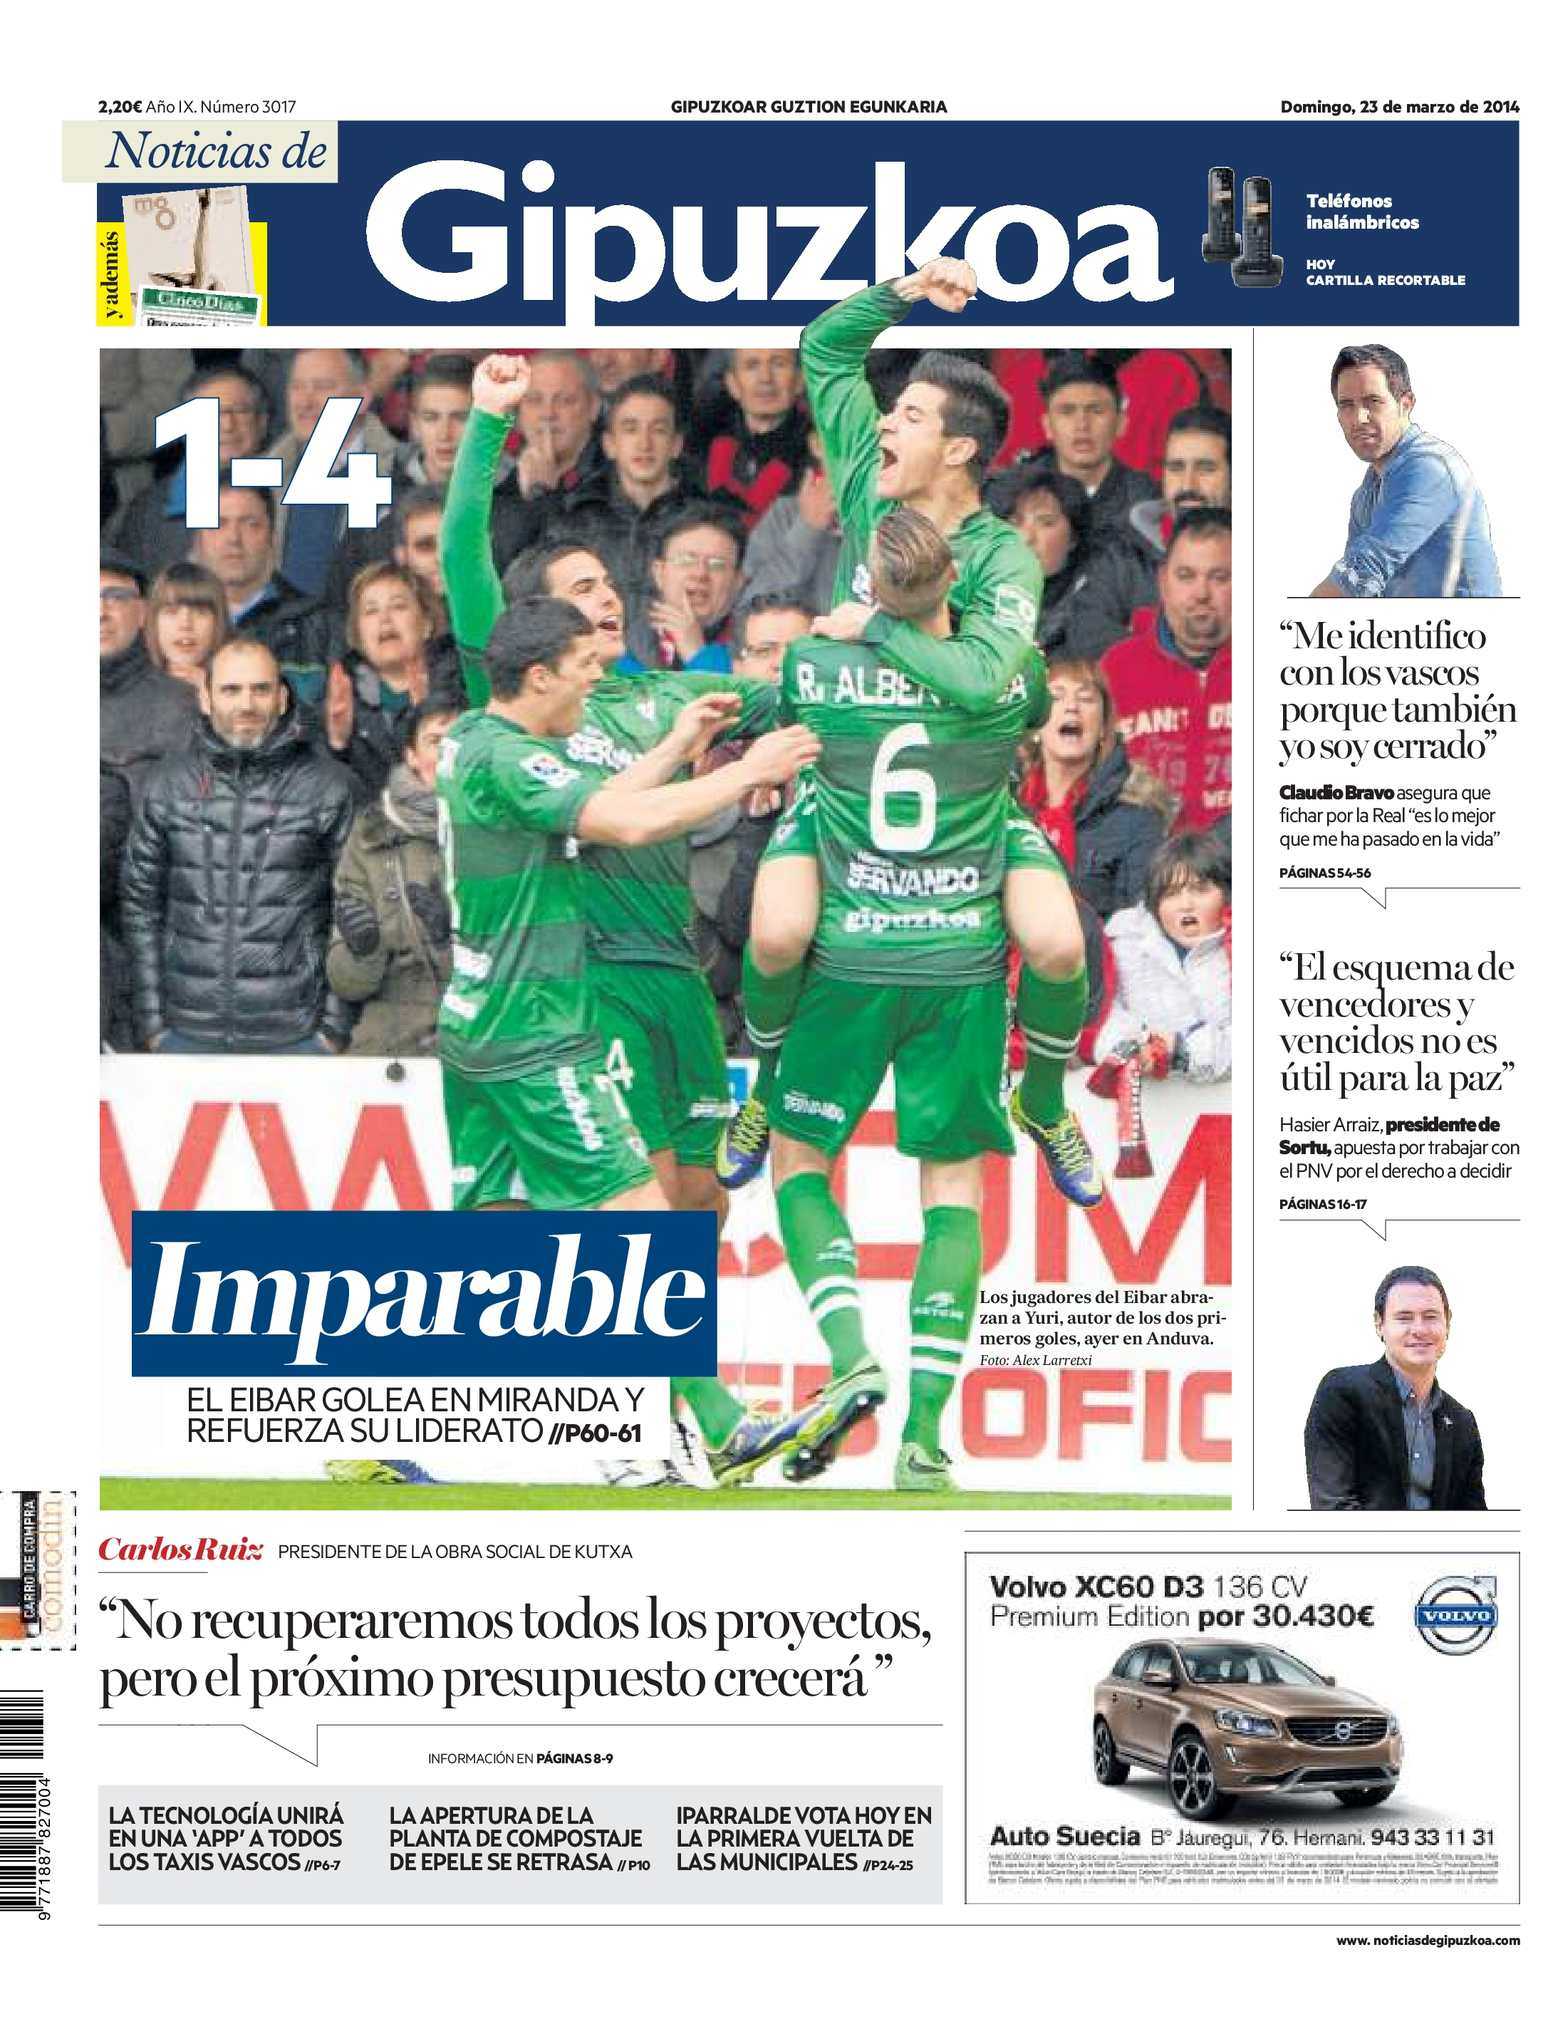 Calaméo - Noticias de Gipuzkoa 20140323 2b9b7c7750830